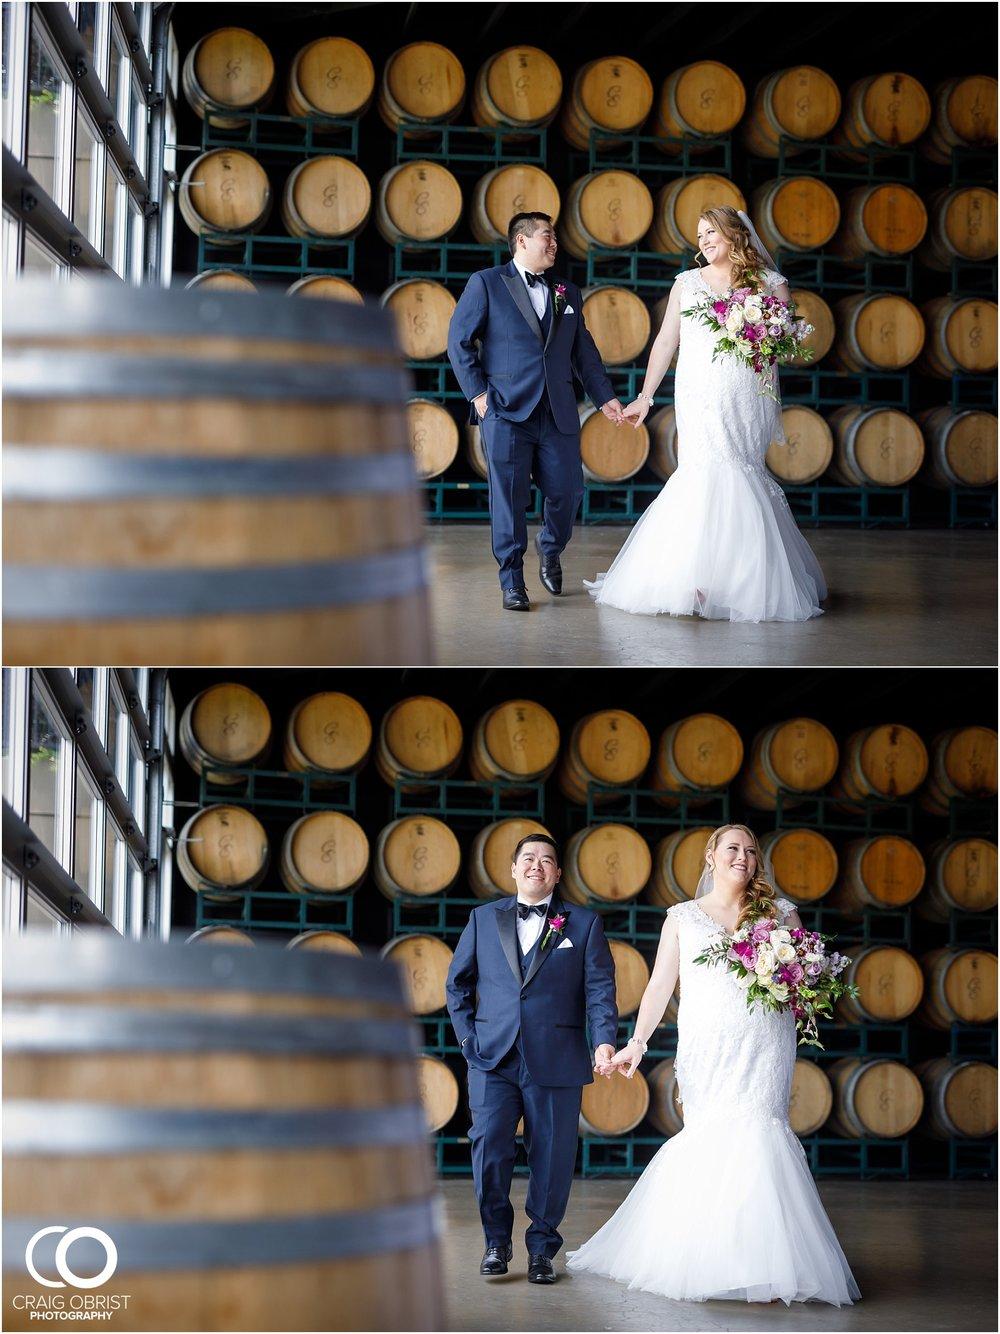 Chateau Elan Wedding Atlanta Georgia Vineyard sunset wedding_0046.jpg